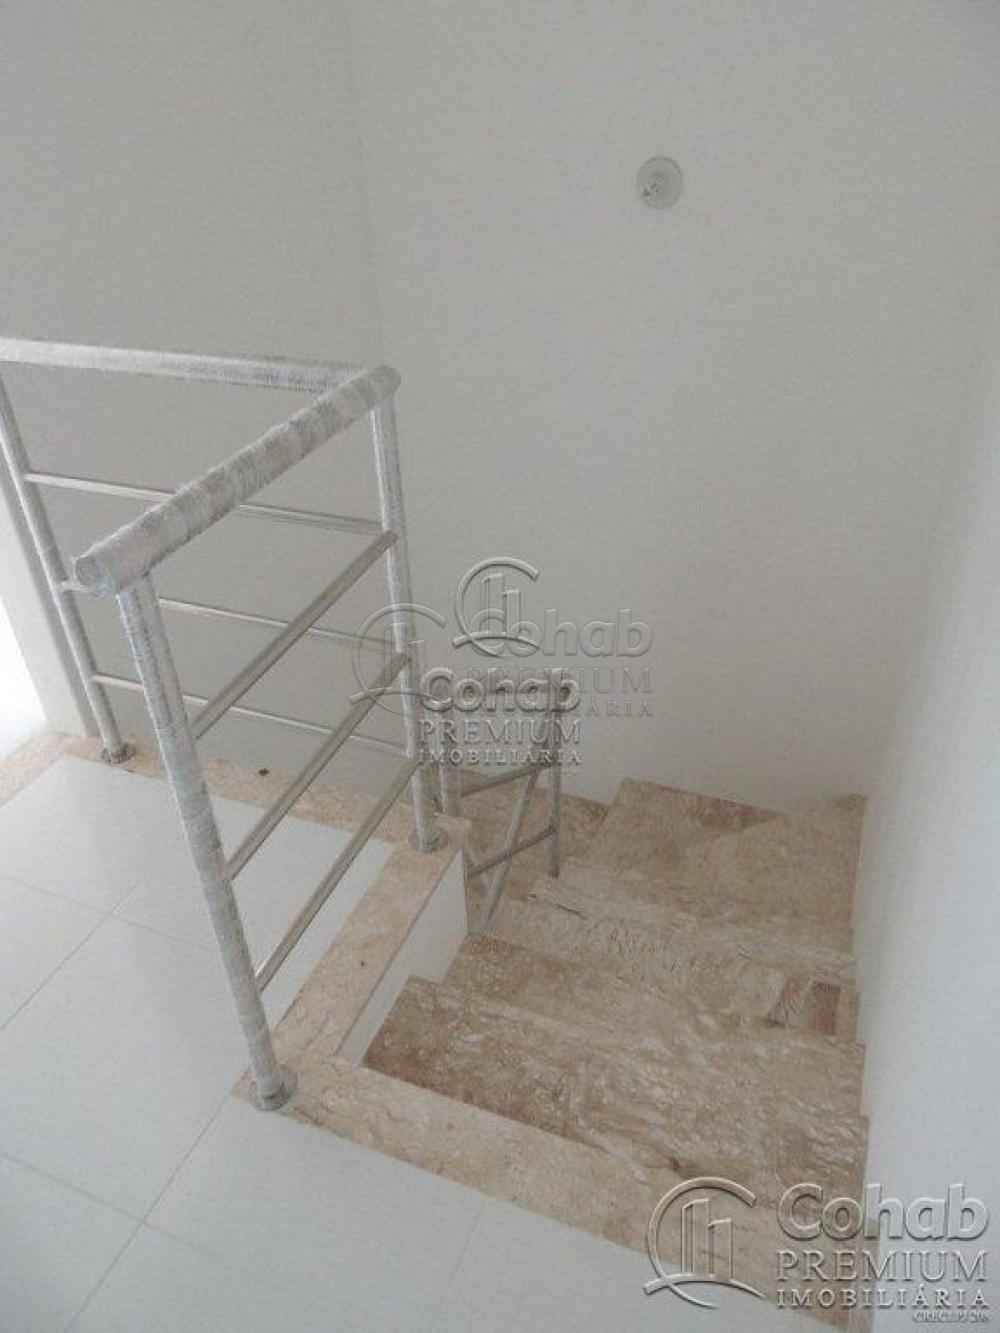 Comprar Casa / Condomínio em Aracaju apenas R$ 320.000,00 - Foto 8